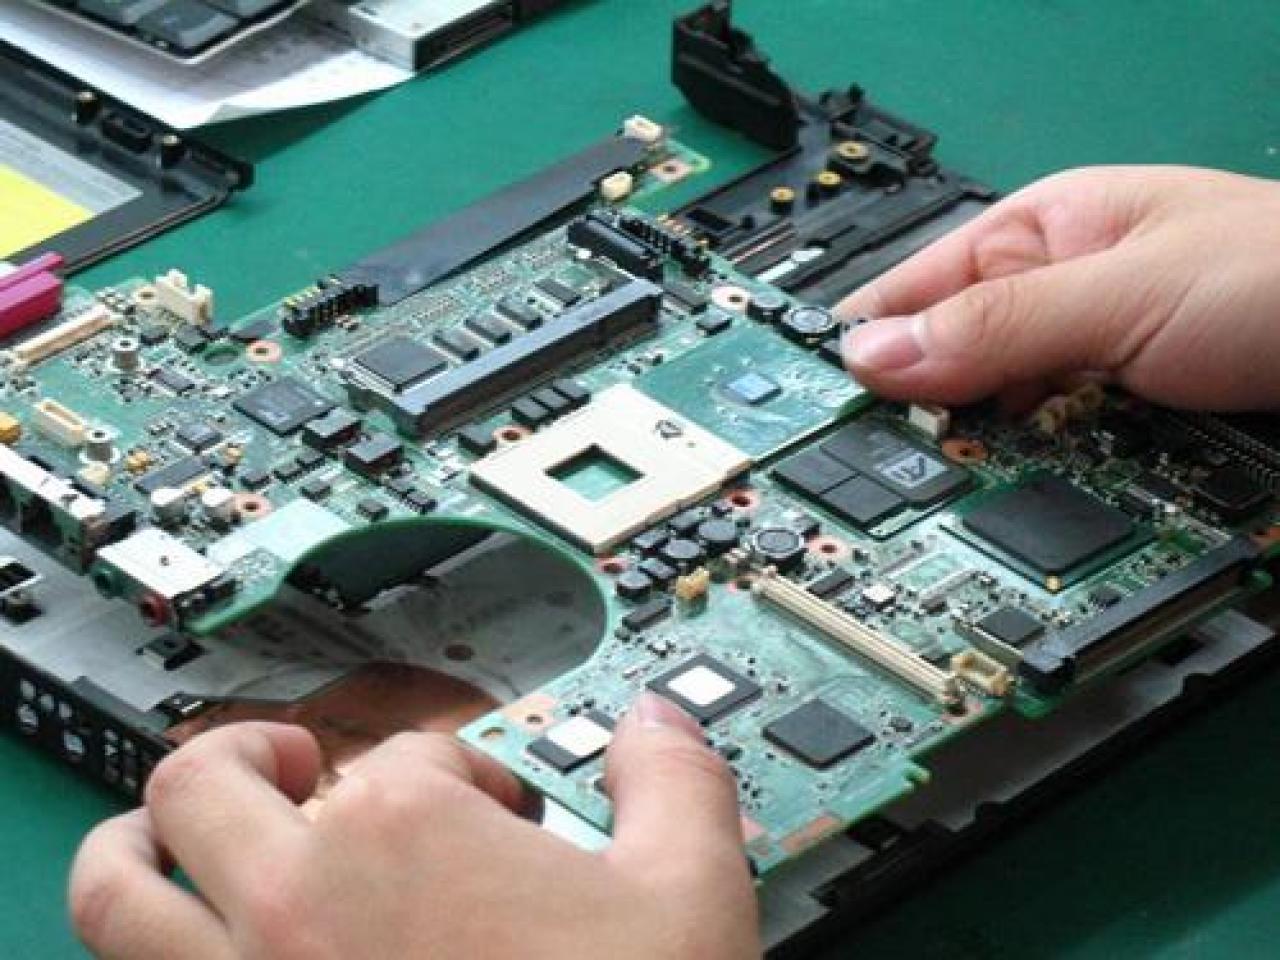 Ремонт компьютеров,ноутбуков,macbook,imac, телевизоров и др. - 1